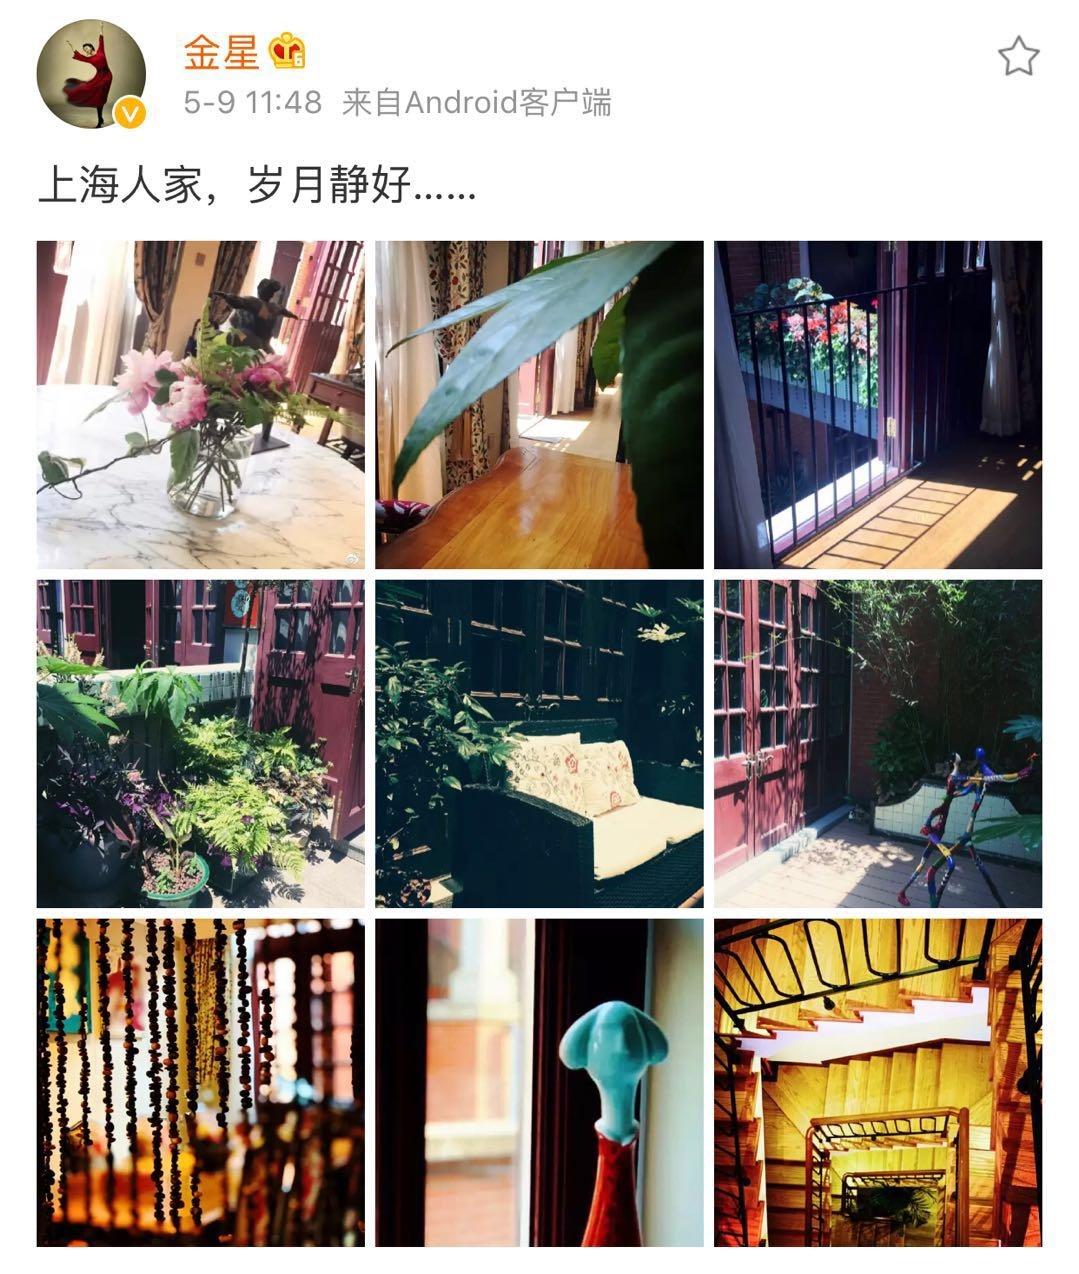 金星晒百万租金的上海豪宅,4层楼房奢侈到让人眩晕